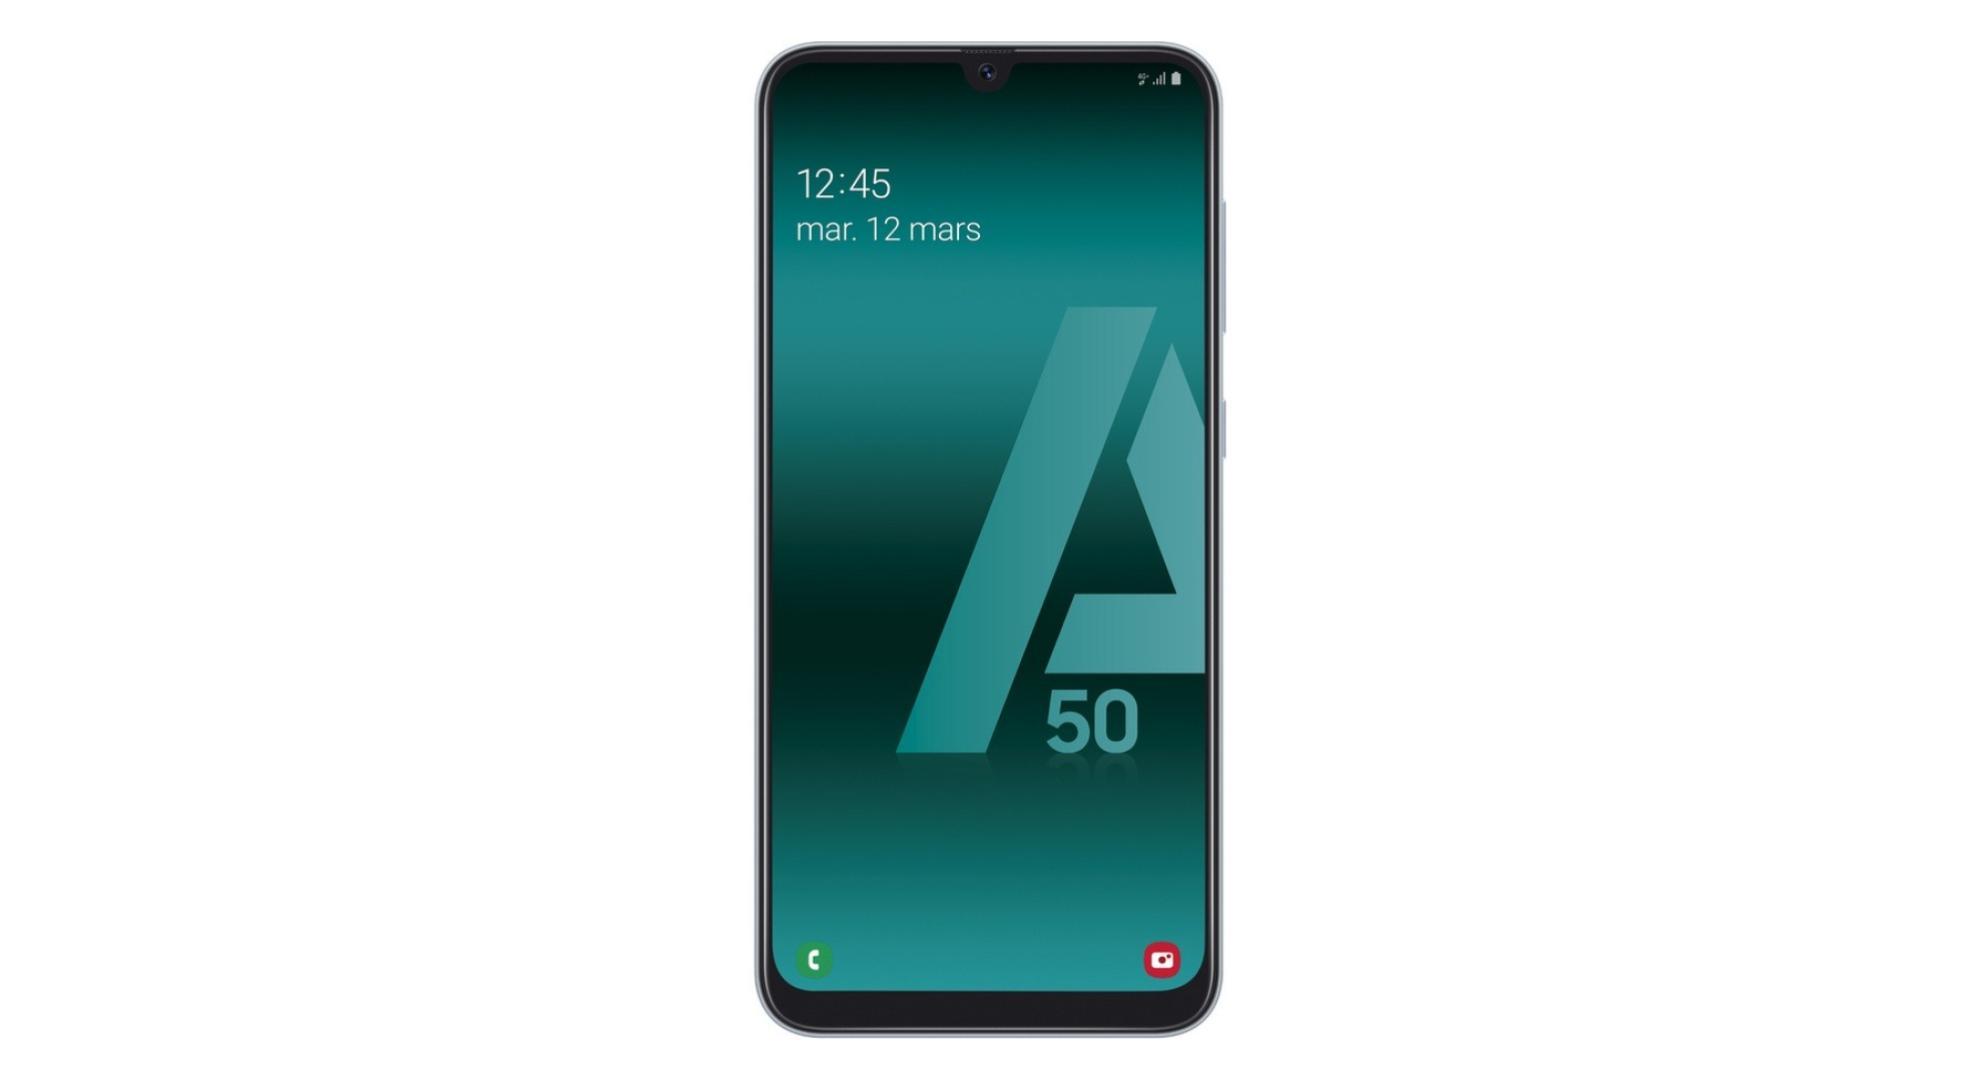 7ba8f2a48b4 Ce ne sont pas les seuls atouts du nouveau smartphone coréen. Il est  propulsé par un SoC Exynos 9610 et 4 Go de mémoire vive pour assurer une  bonne fluidité ...